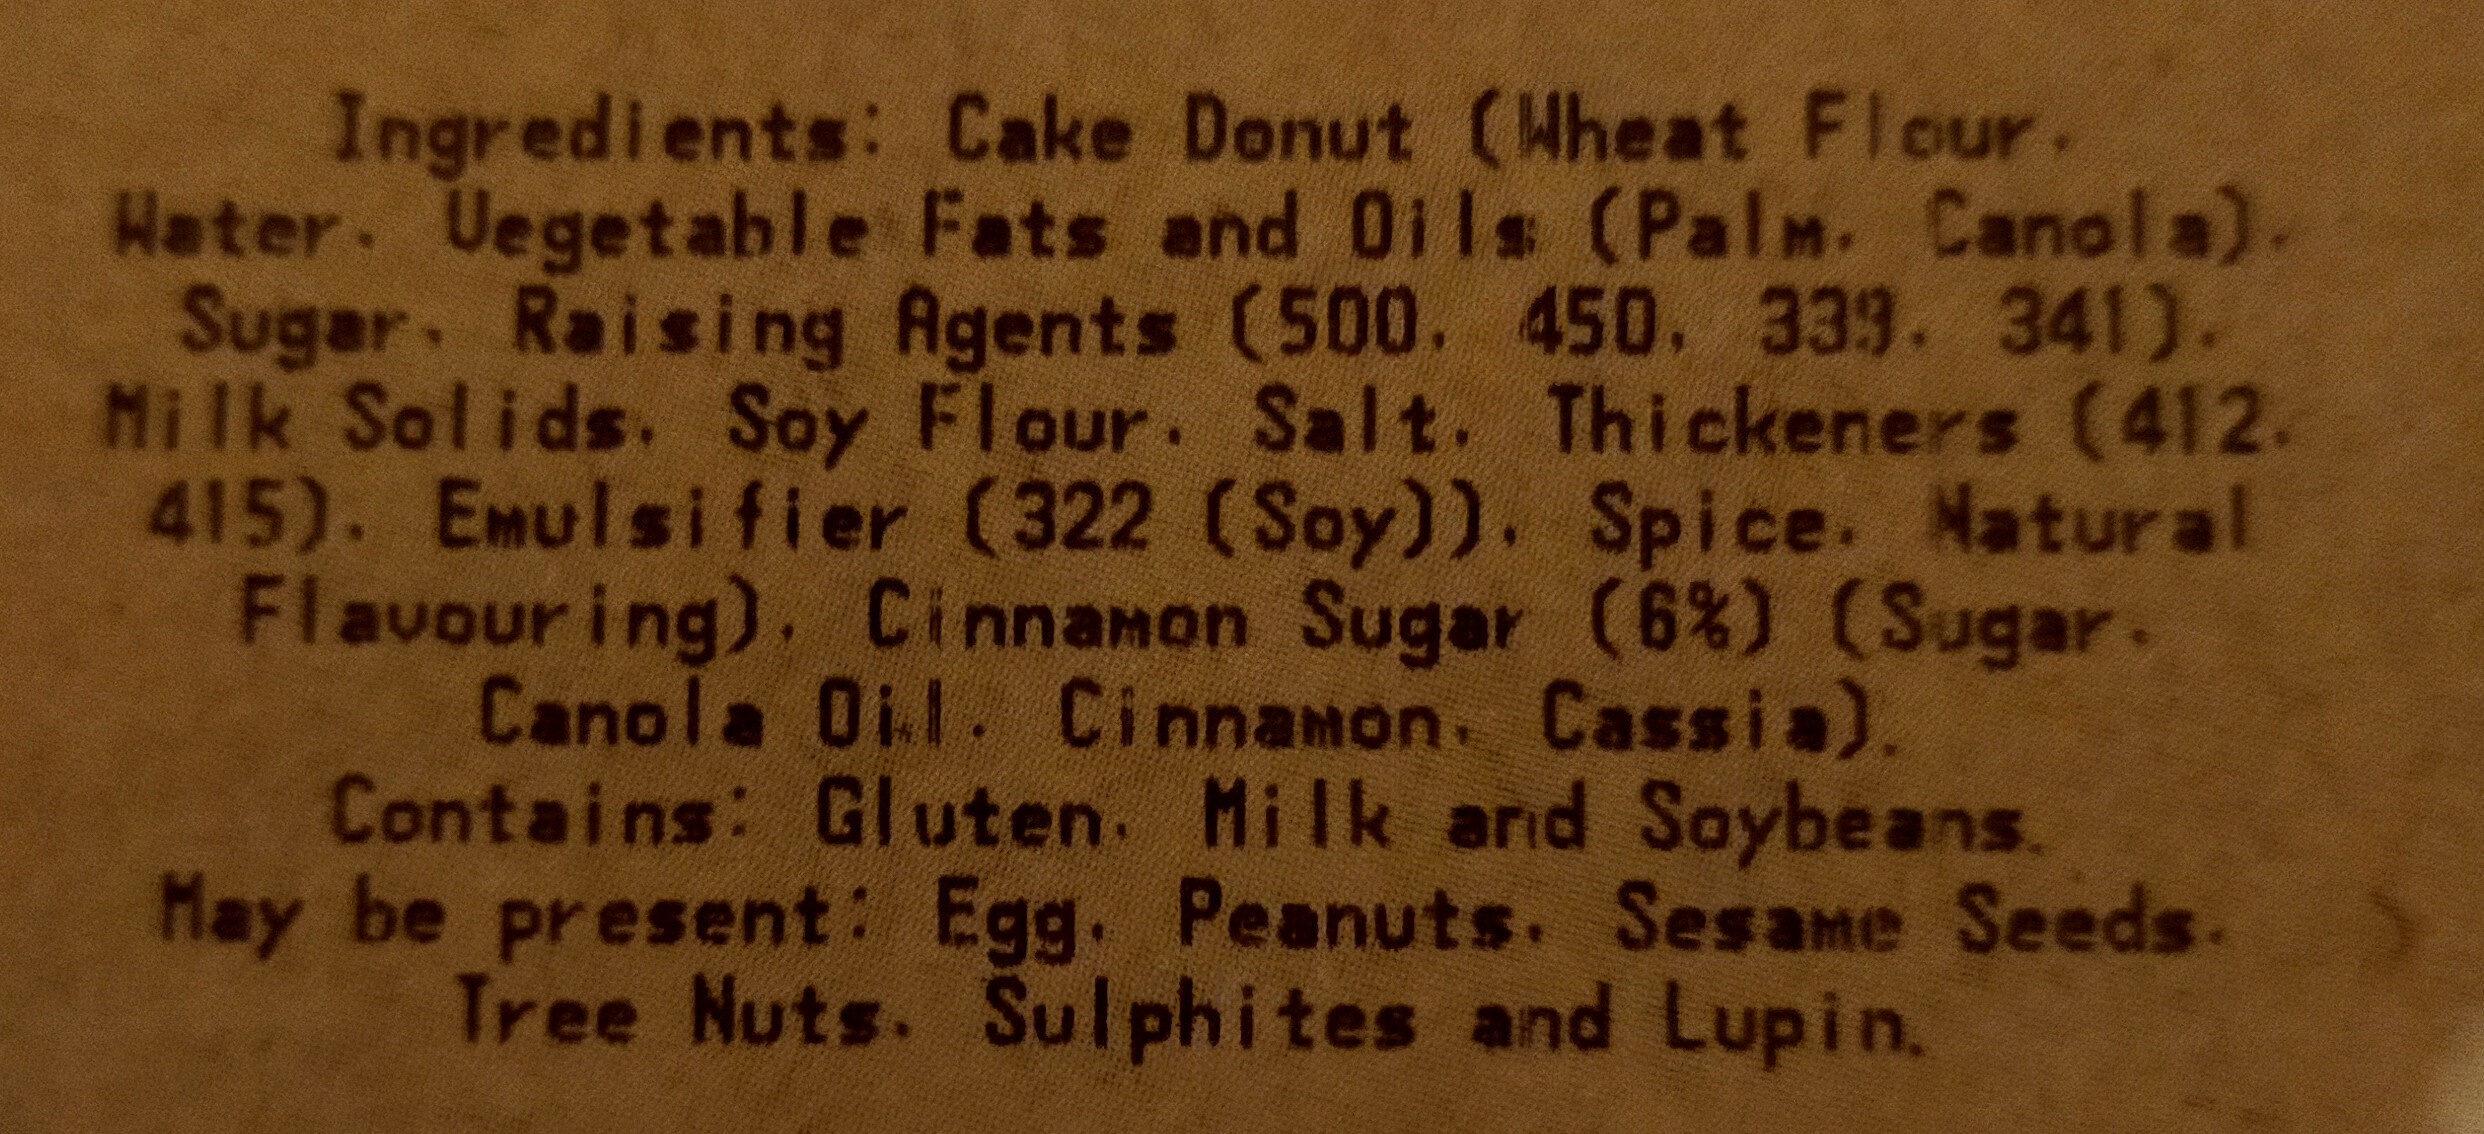 Cinnamon Donut 12pk - Ingrédients - en